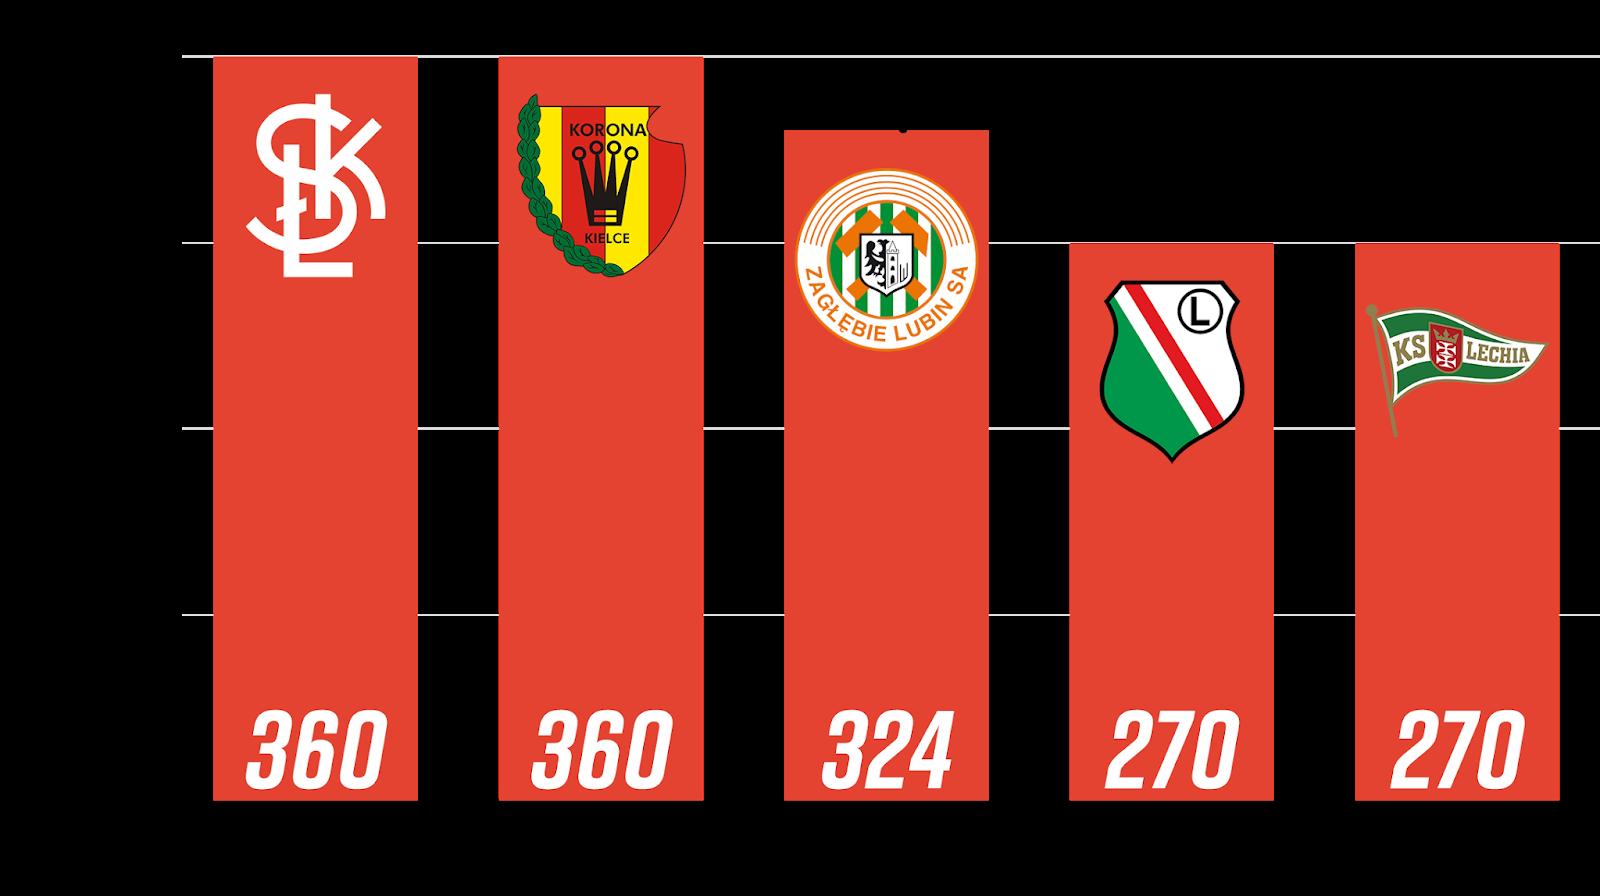 Najwięcej rozegranych minut przez młodzieżowców z rocznika 1999 i młodsi po 4. kolejce PKO Ekstraklasy<br><br>Źródło: Opracowanie własne na podstawie 90minut.pl<br><br>graf. Bartosz Urban